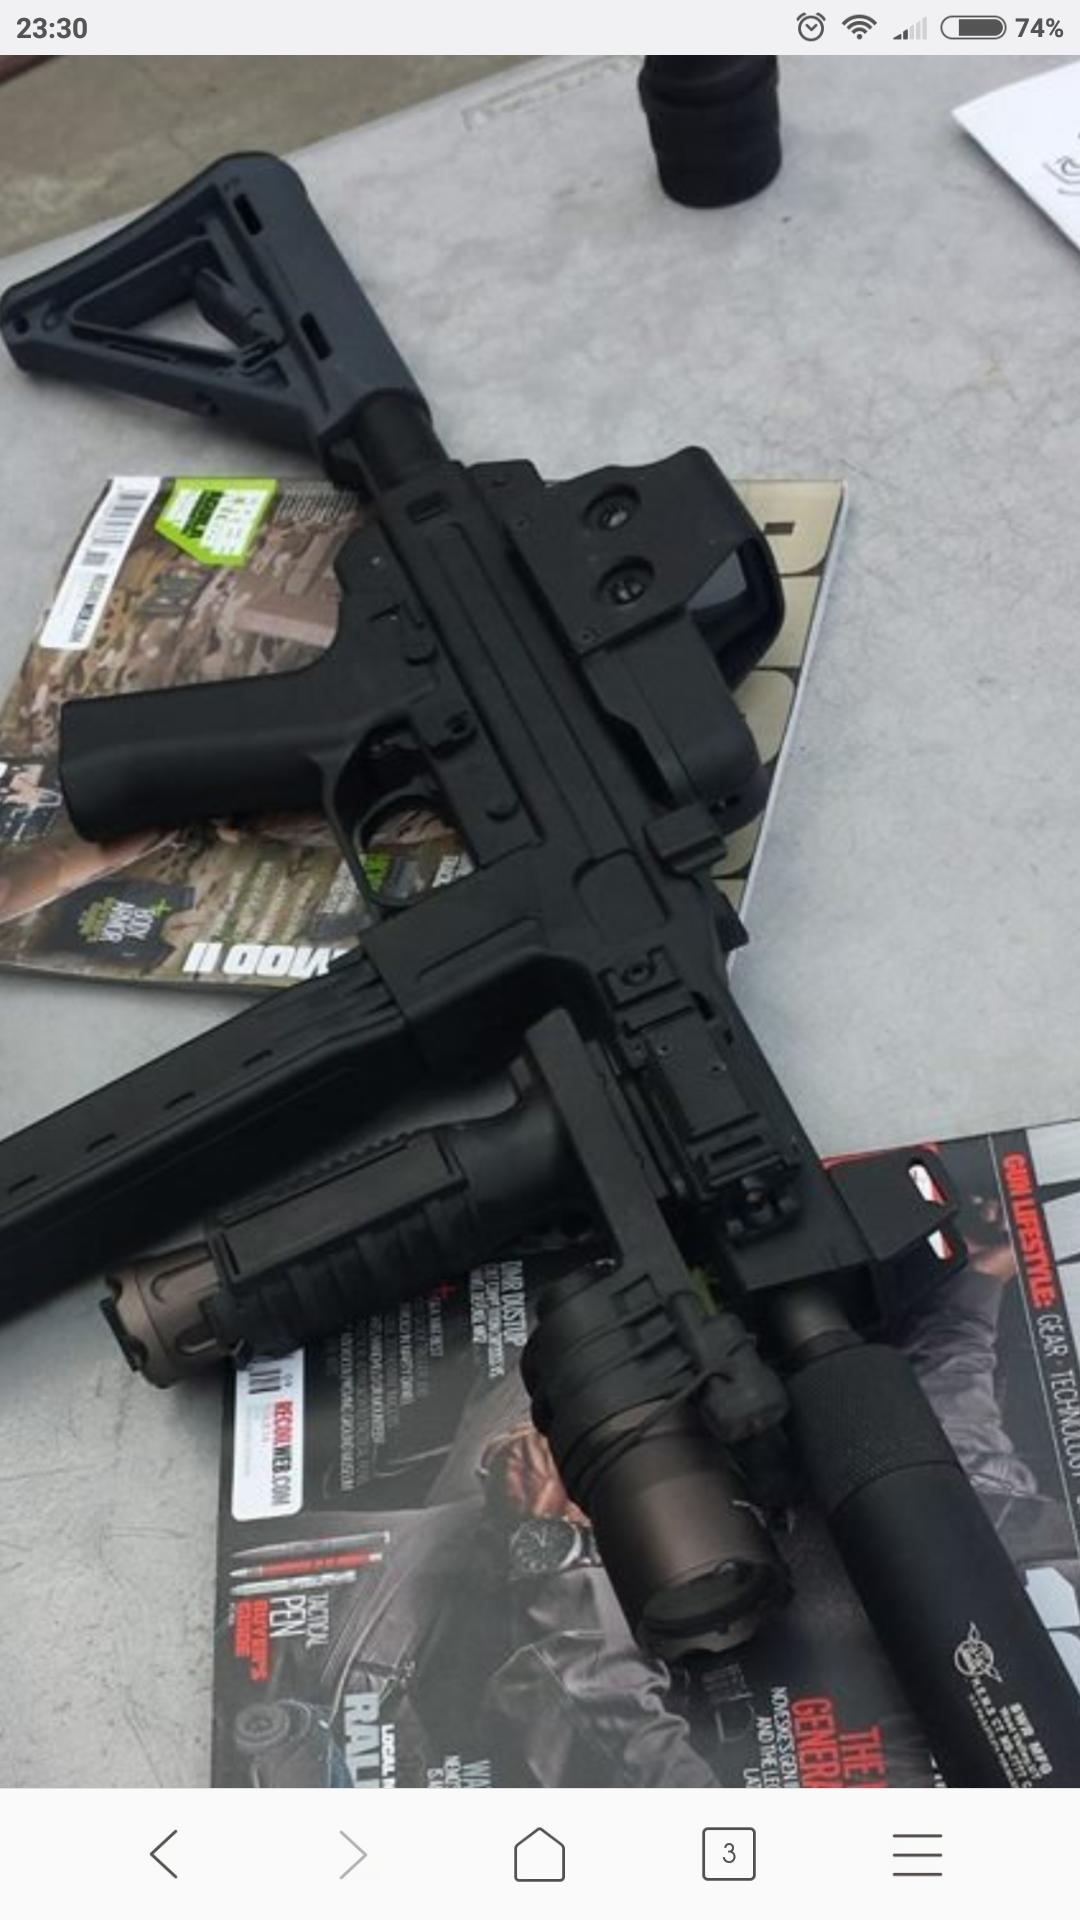 Ak b12/b20 side rail mount, anywhere in uk sell em? - Guns